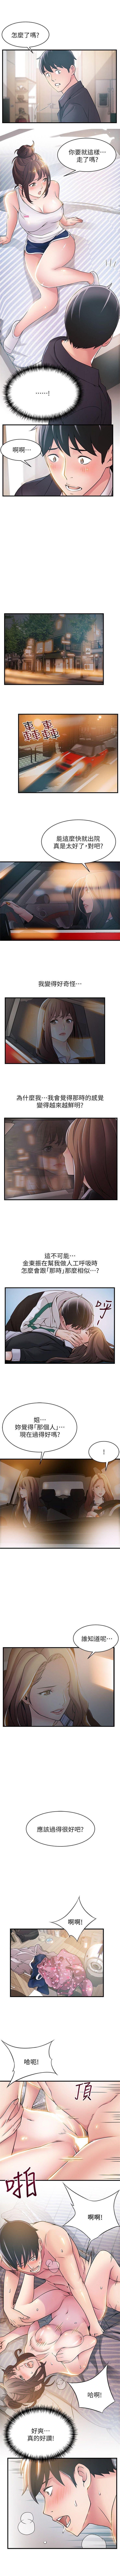 弱點 1-101 官方中文(連載中) 114